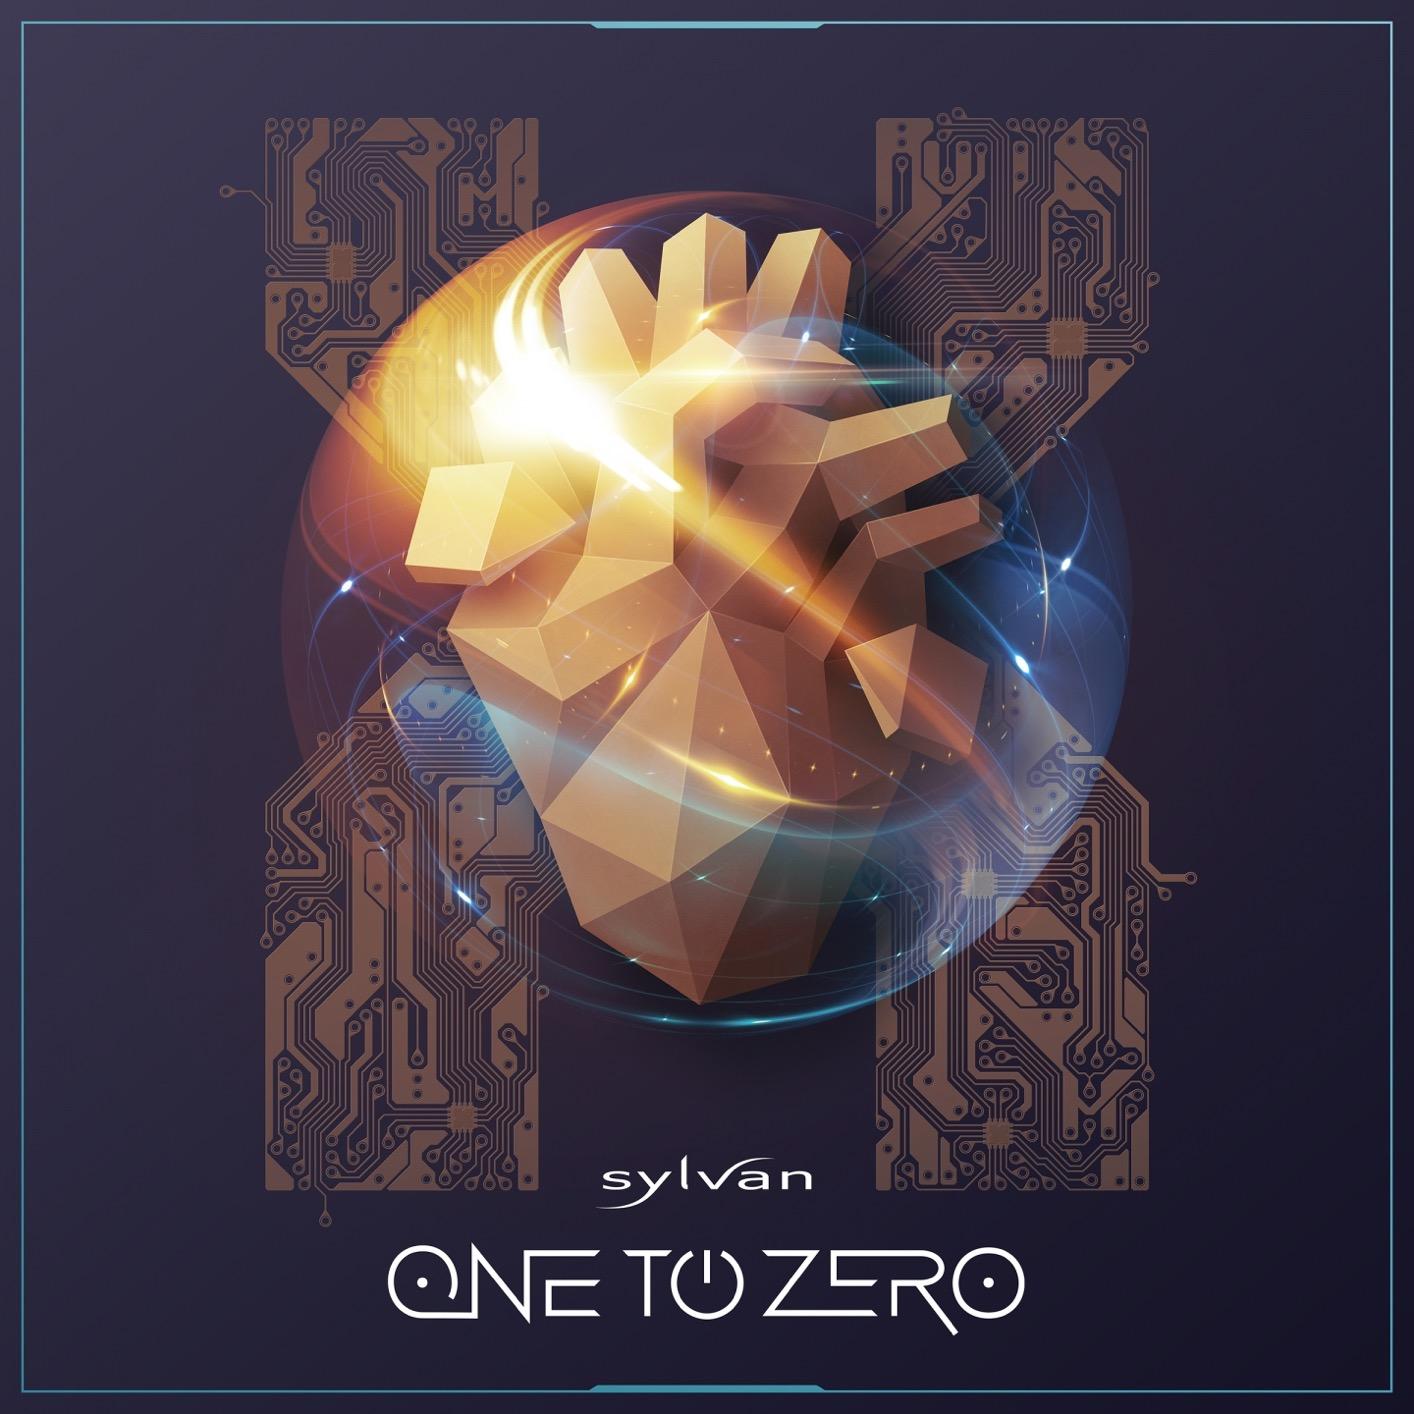 Sylvan: One to Zero